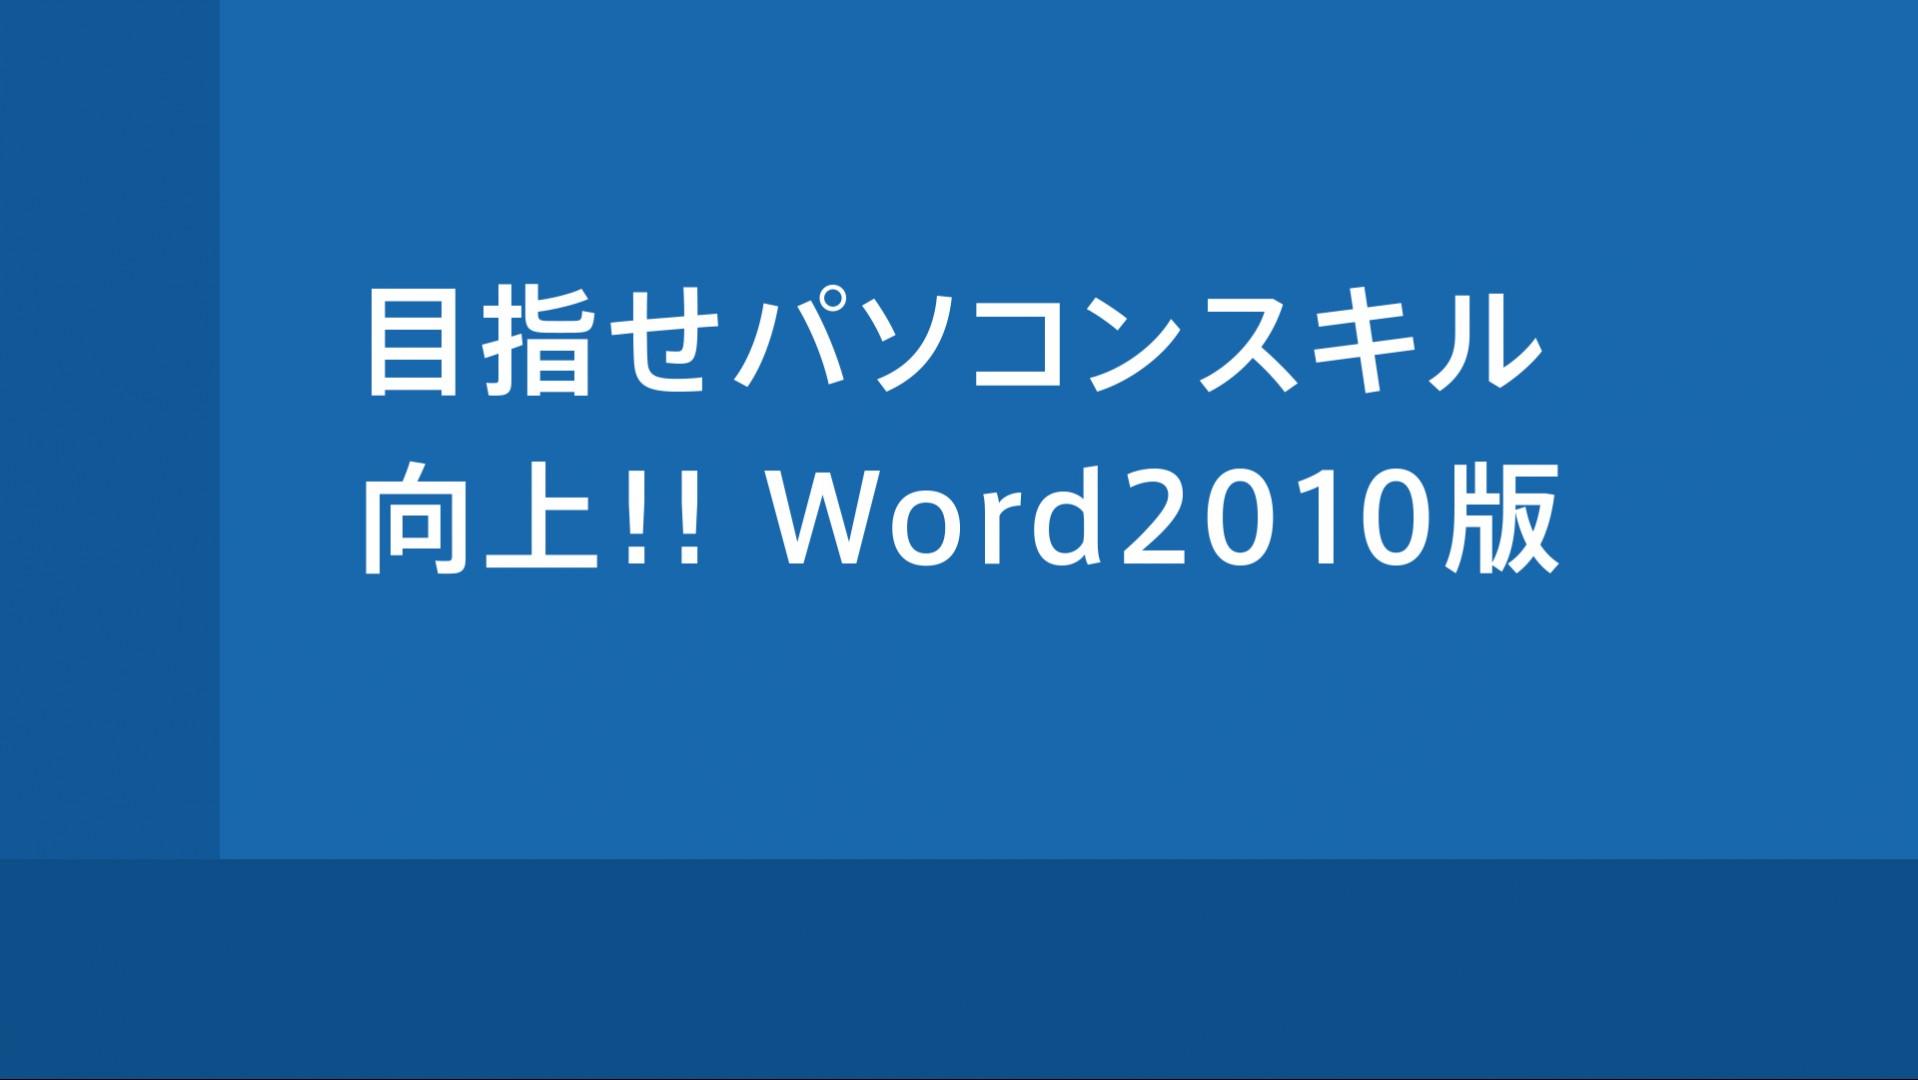 項目の位置を揃える方法 Word2010